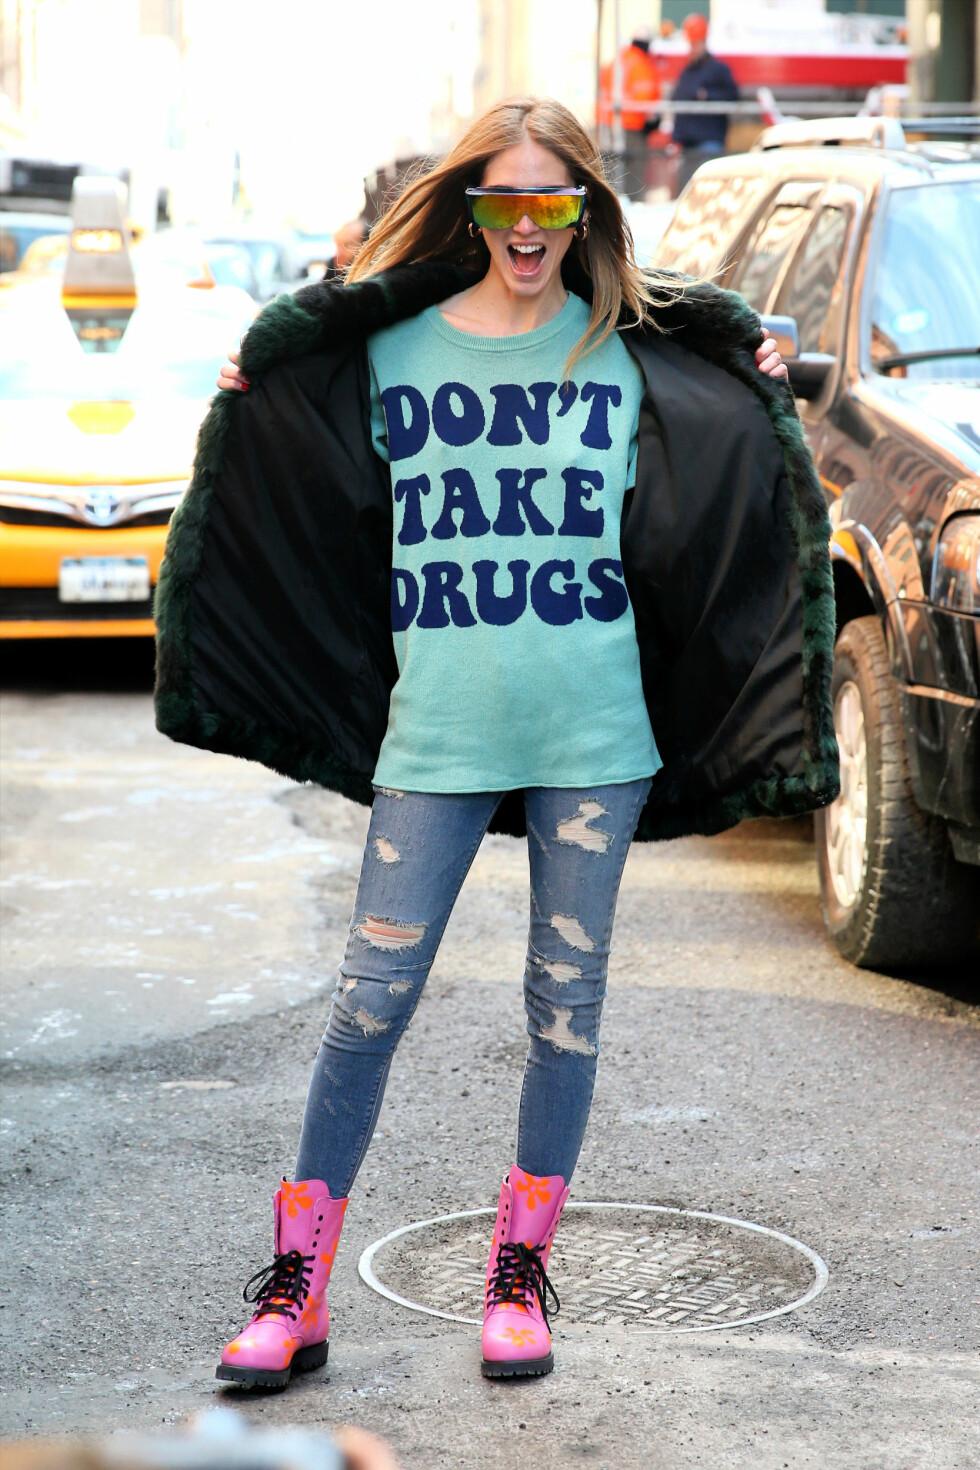 Chiara Ferragni bak superbloggen 'The Blonde Salad' i et sporty og lekent antrekk med overdimensjonerte solbriller under moteuken i New york.  Foto: All Over